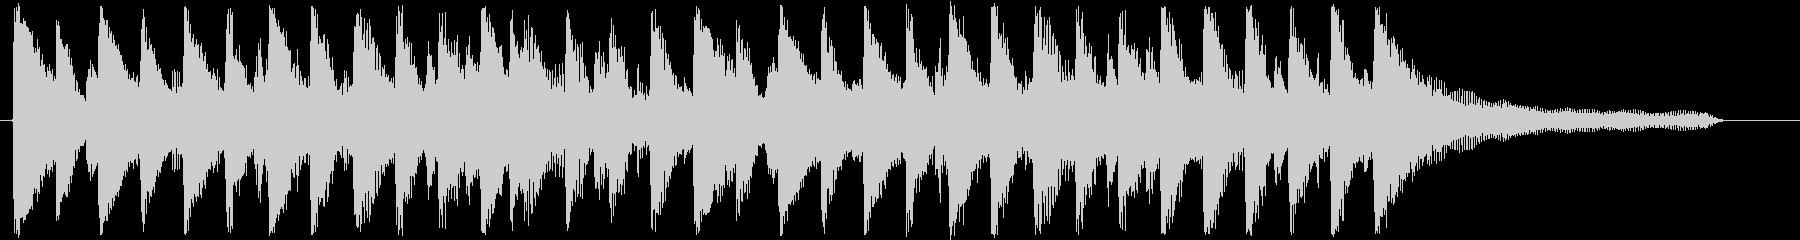 流行の爽やかなコーポレート系サウンド♪の未再生の波形